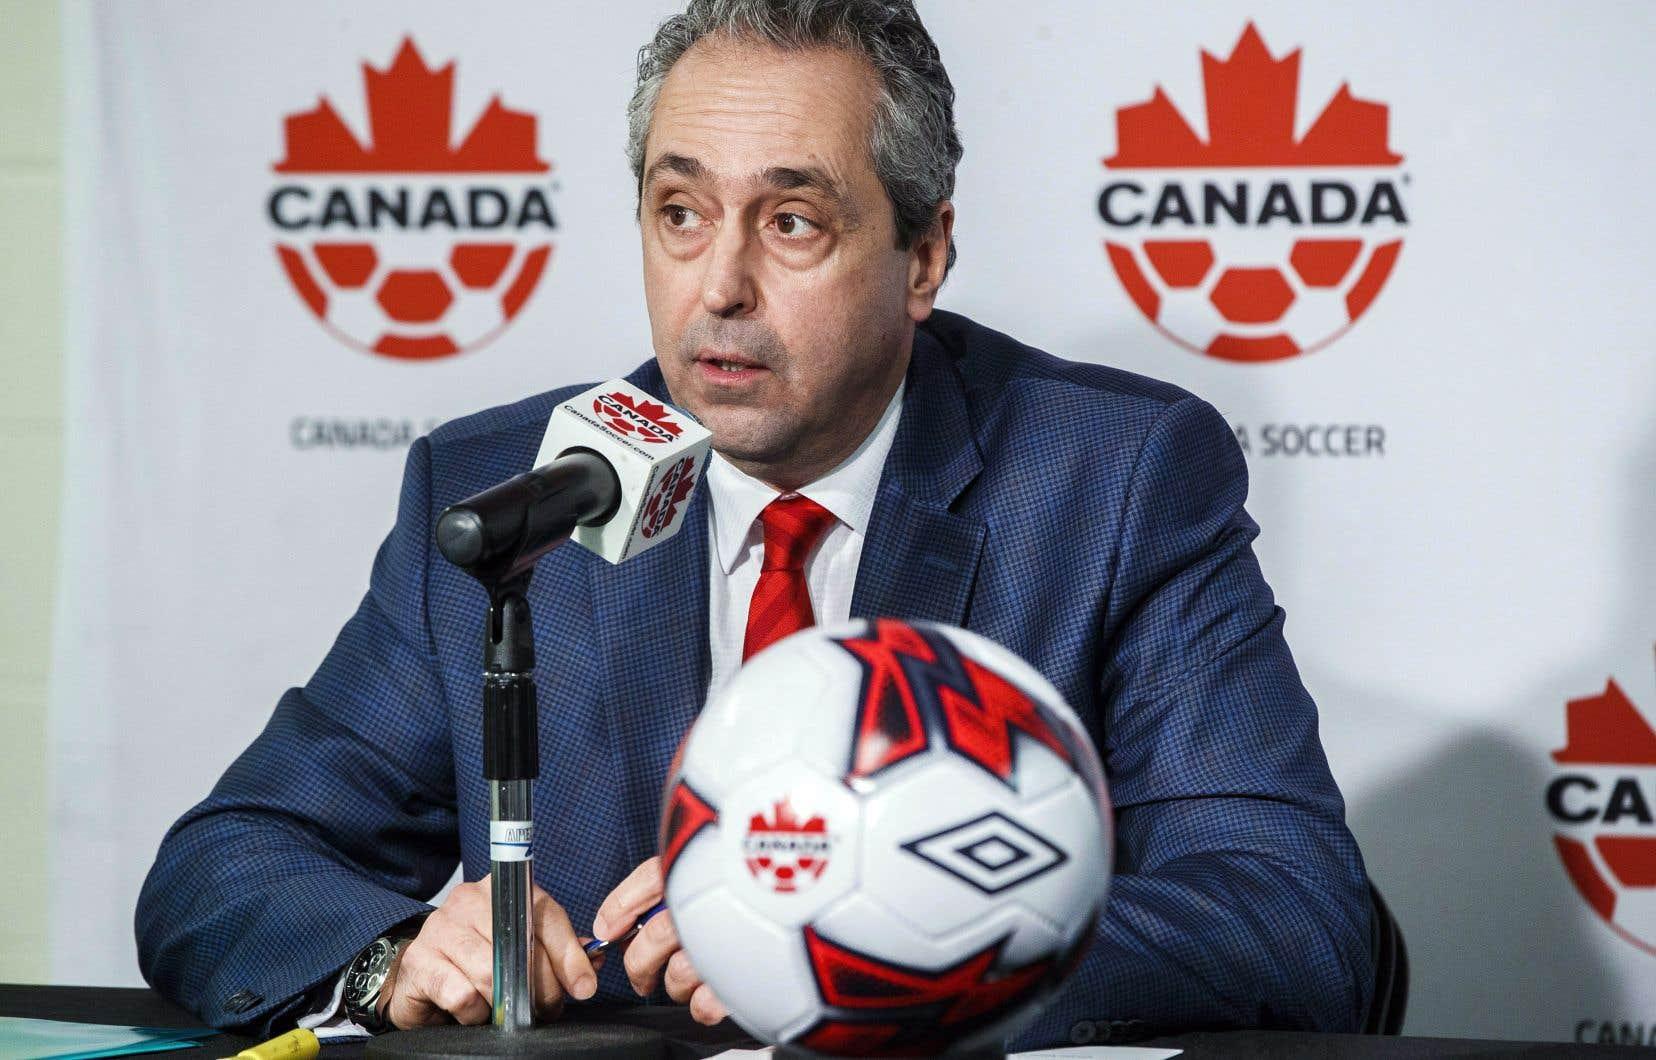 Le secrétaire général de l'Association canadienne de soccer, Peter Montopoli